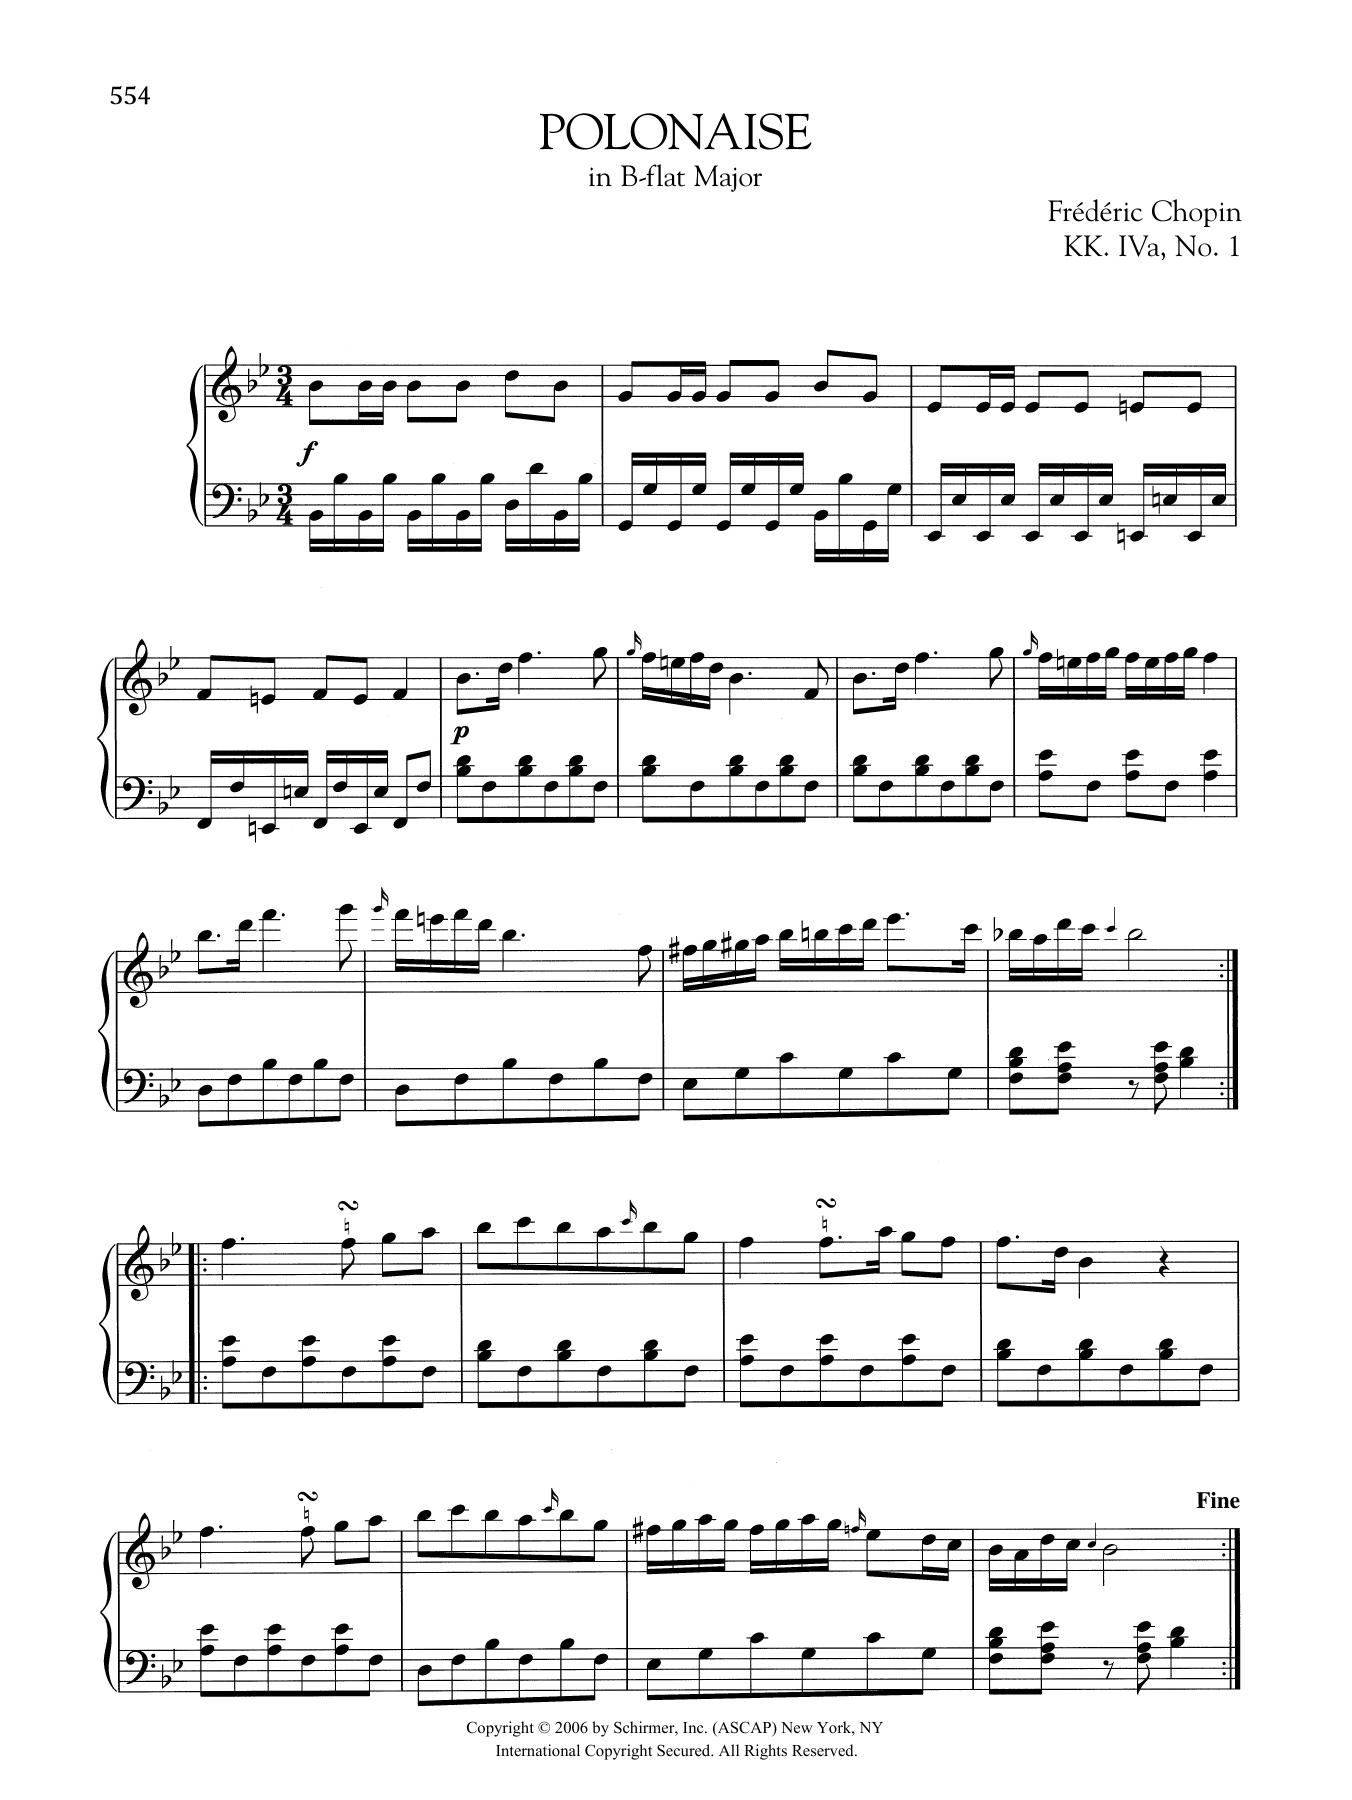 Polonaise in B-flat Major, KK. IVa, No. 1 Sheet Music